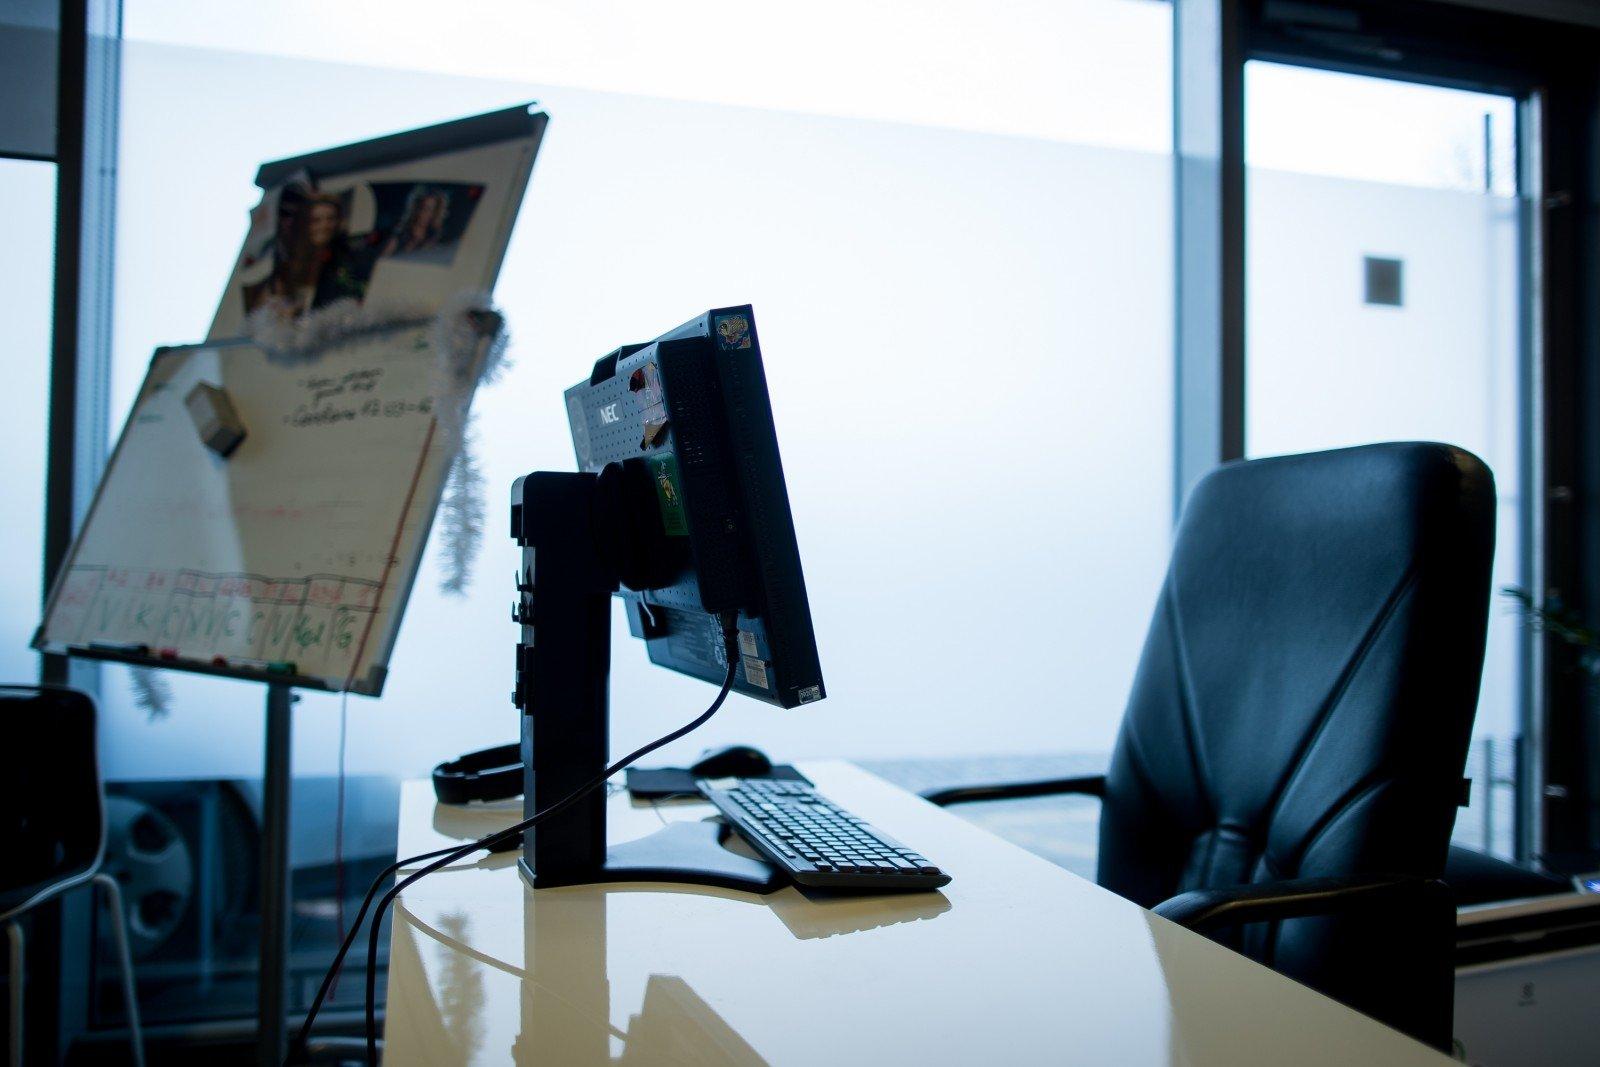 demonstracinė sąskaita prekybai dvejetainiais opcionais ateities uždarbis internete